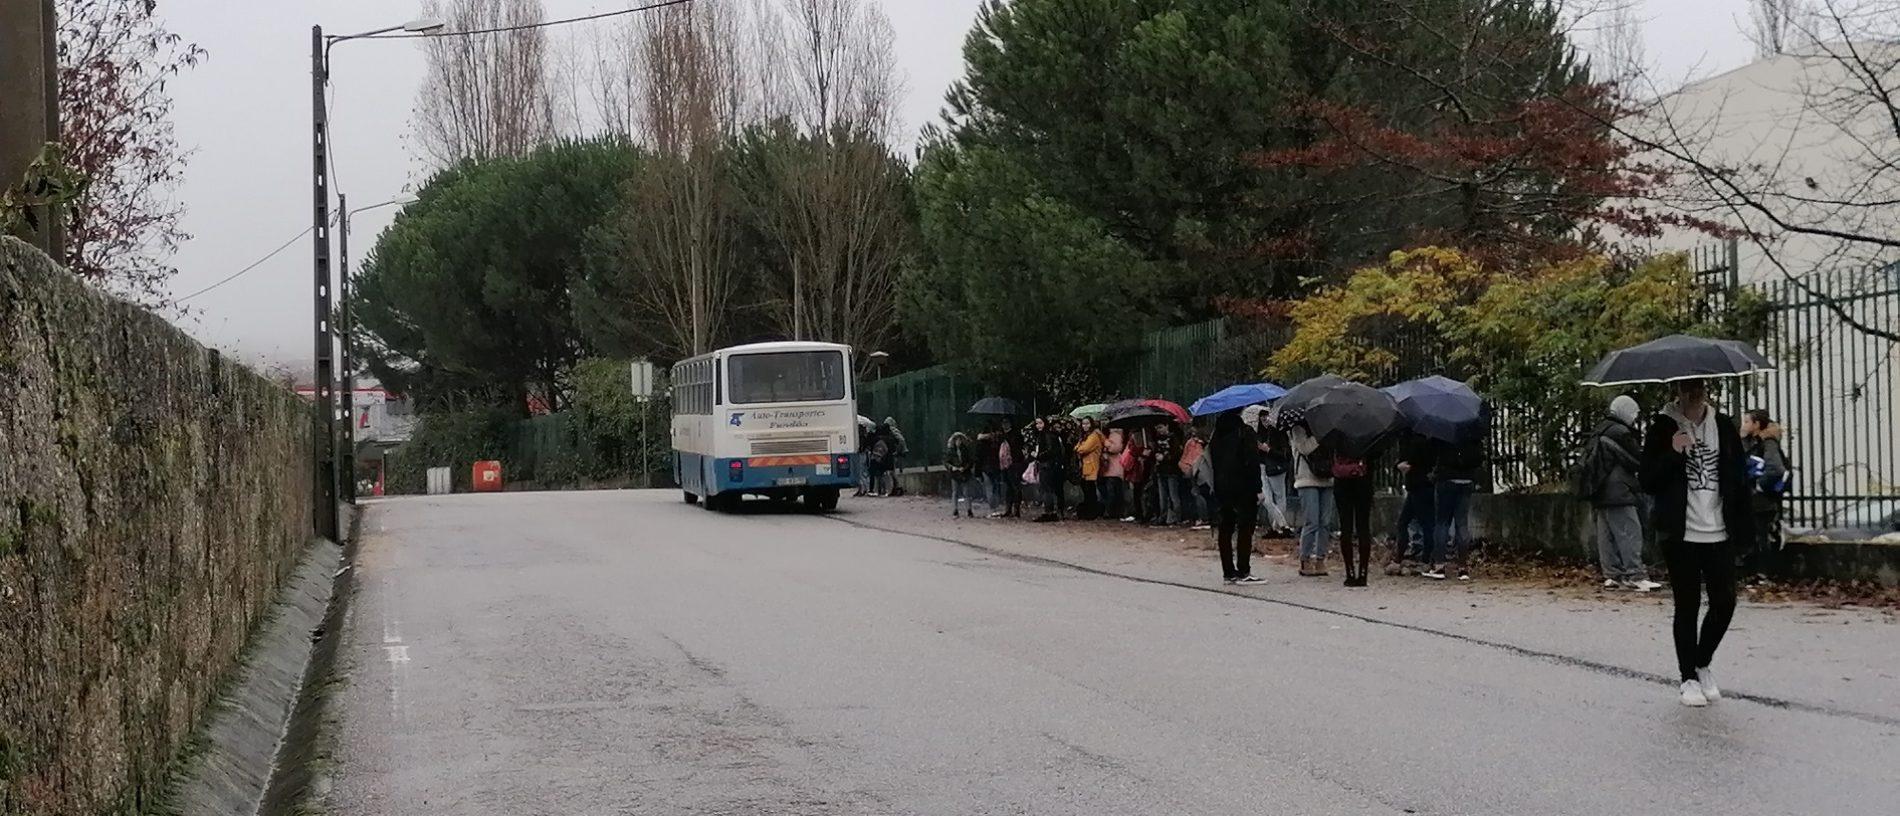 Greve de funcionários fecha escolas em Oliveira do Hospital